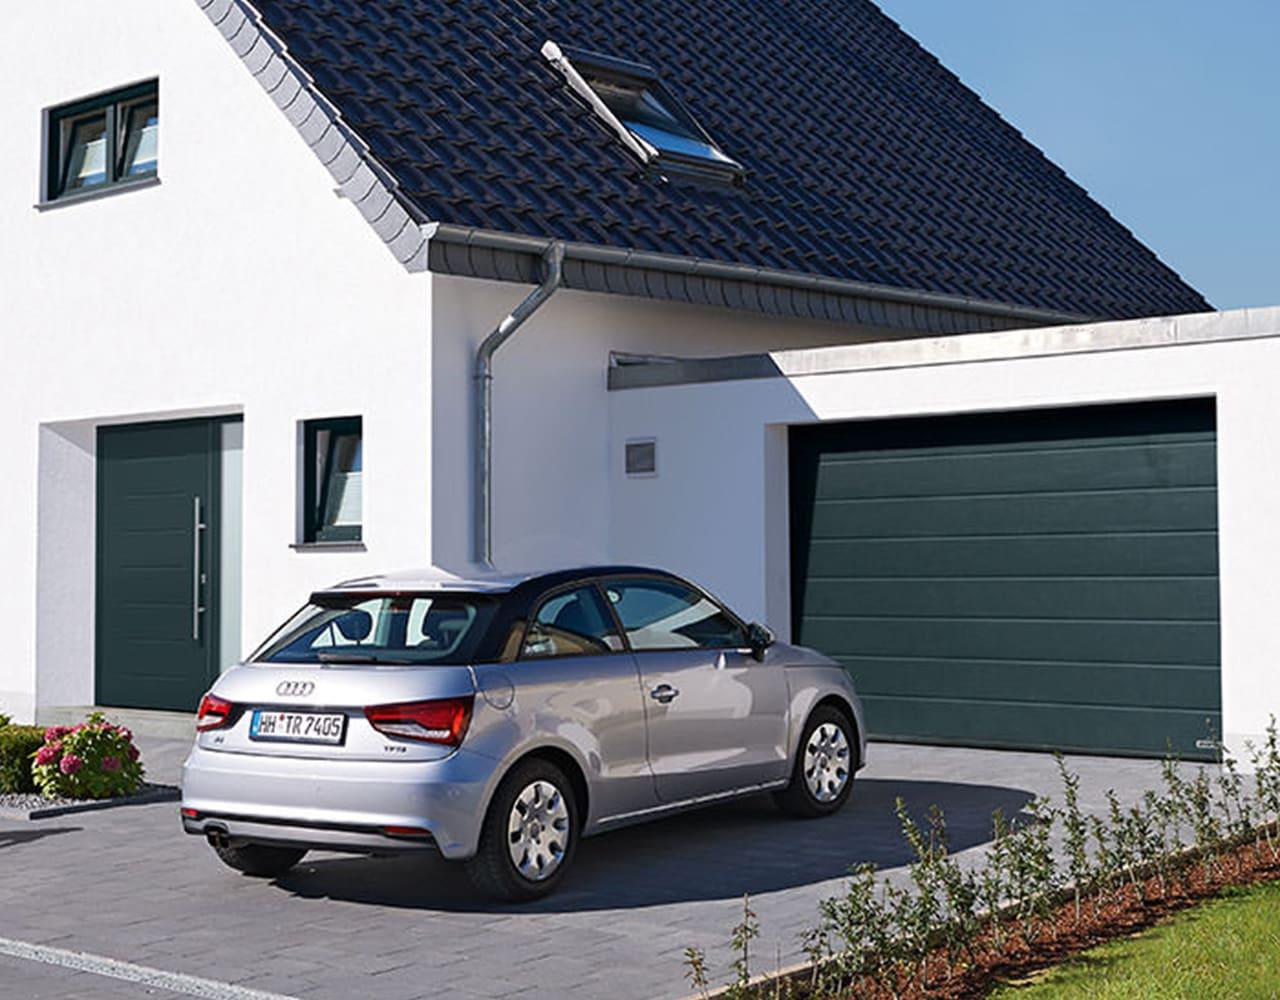 Garagentore und Haustüren eingebaut in einem Einfamilienhaus mit Auto vor der Garage.